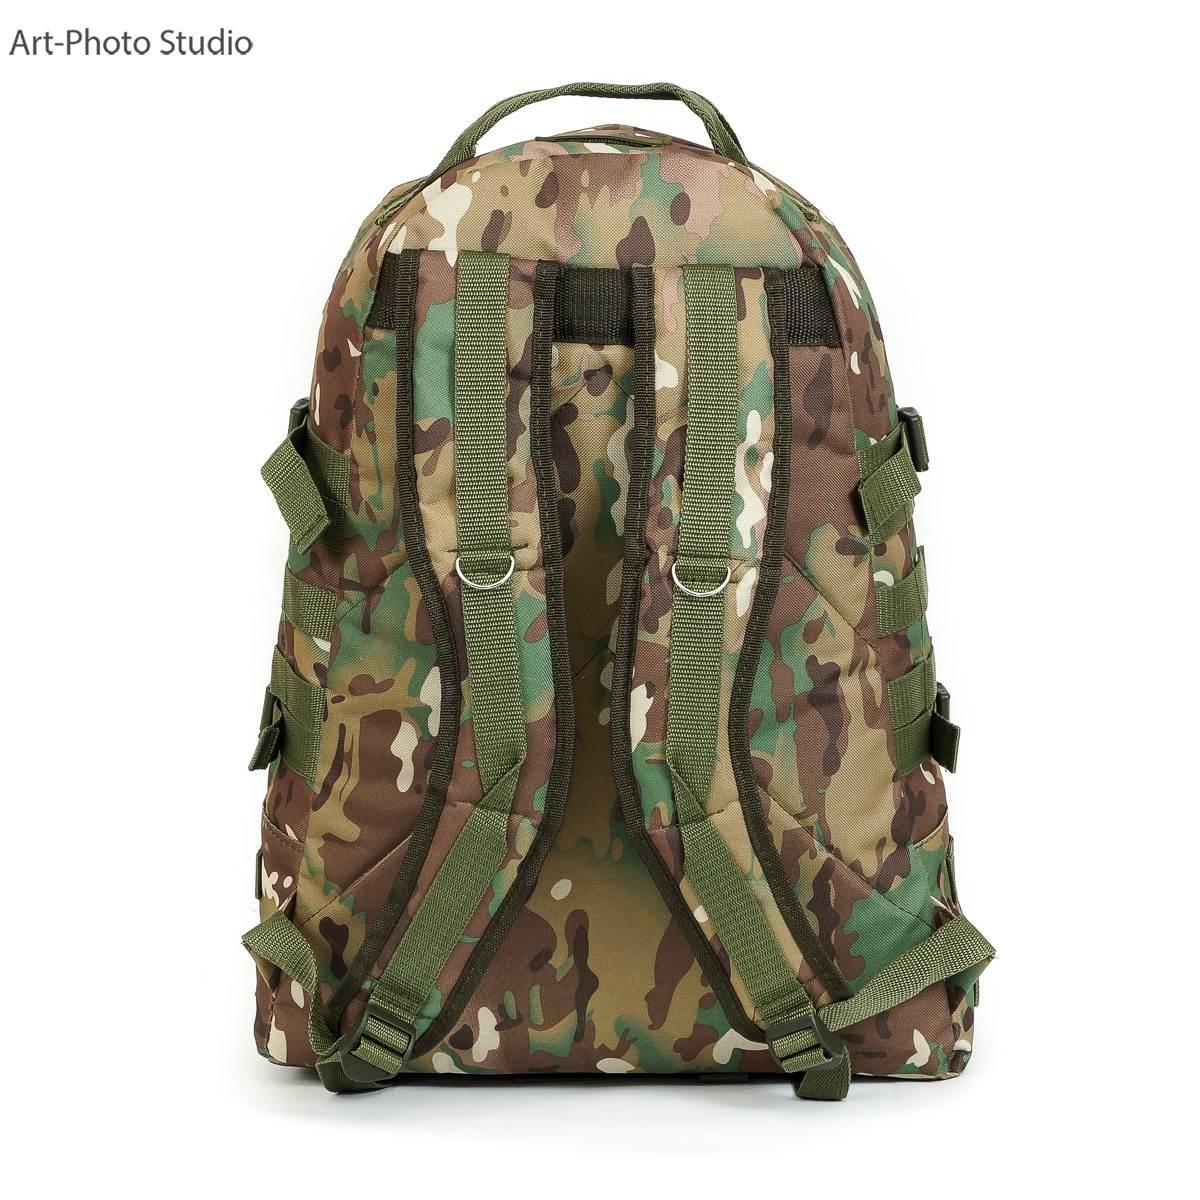 предметное фото тактического армейского рюкзака цвета мультикам